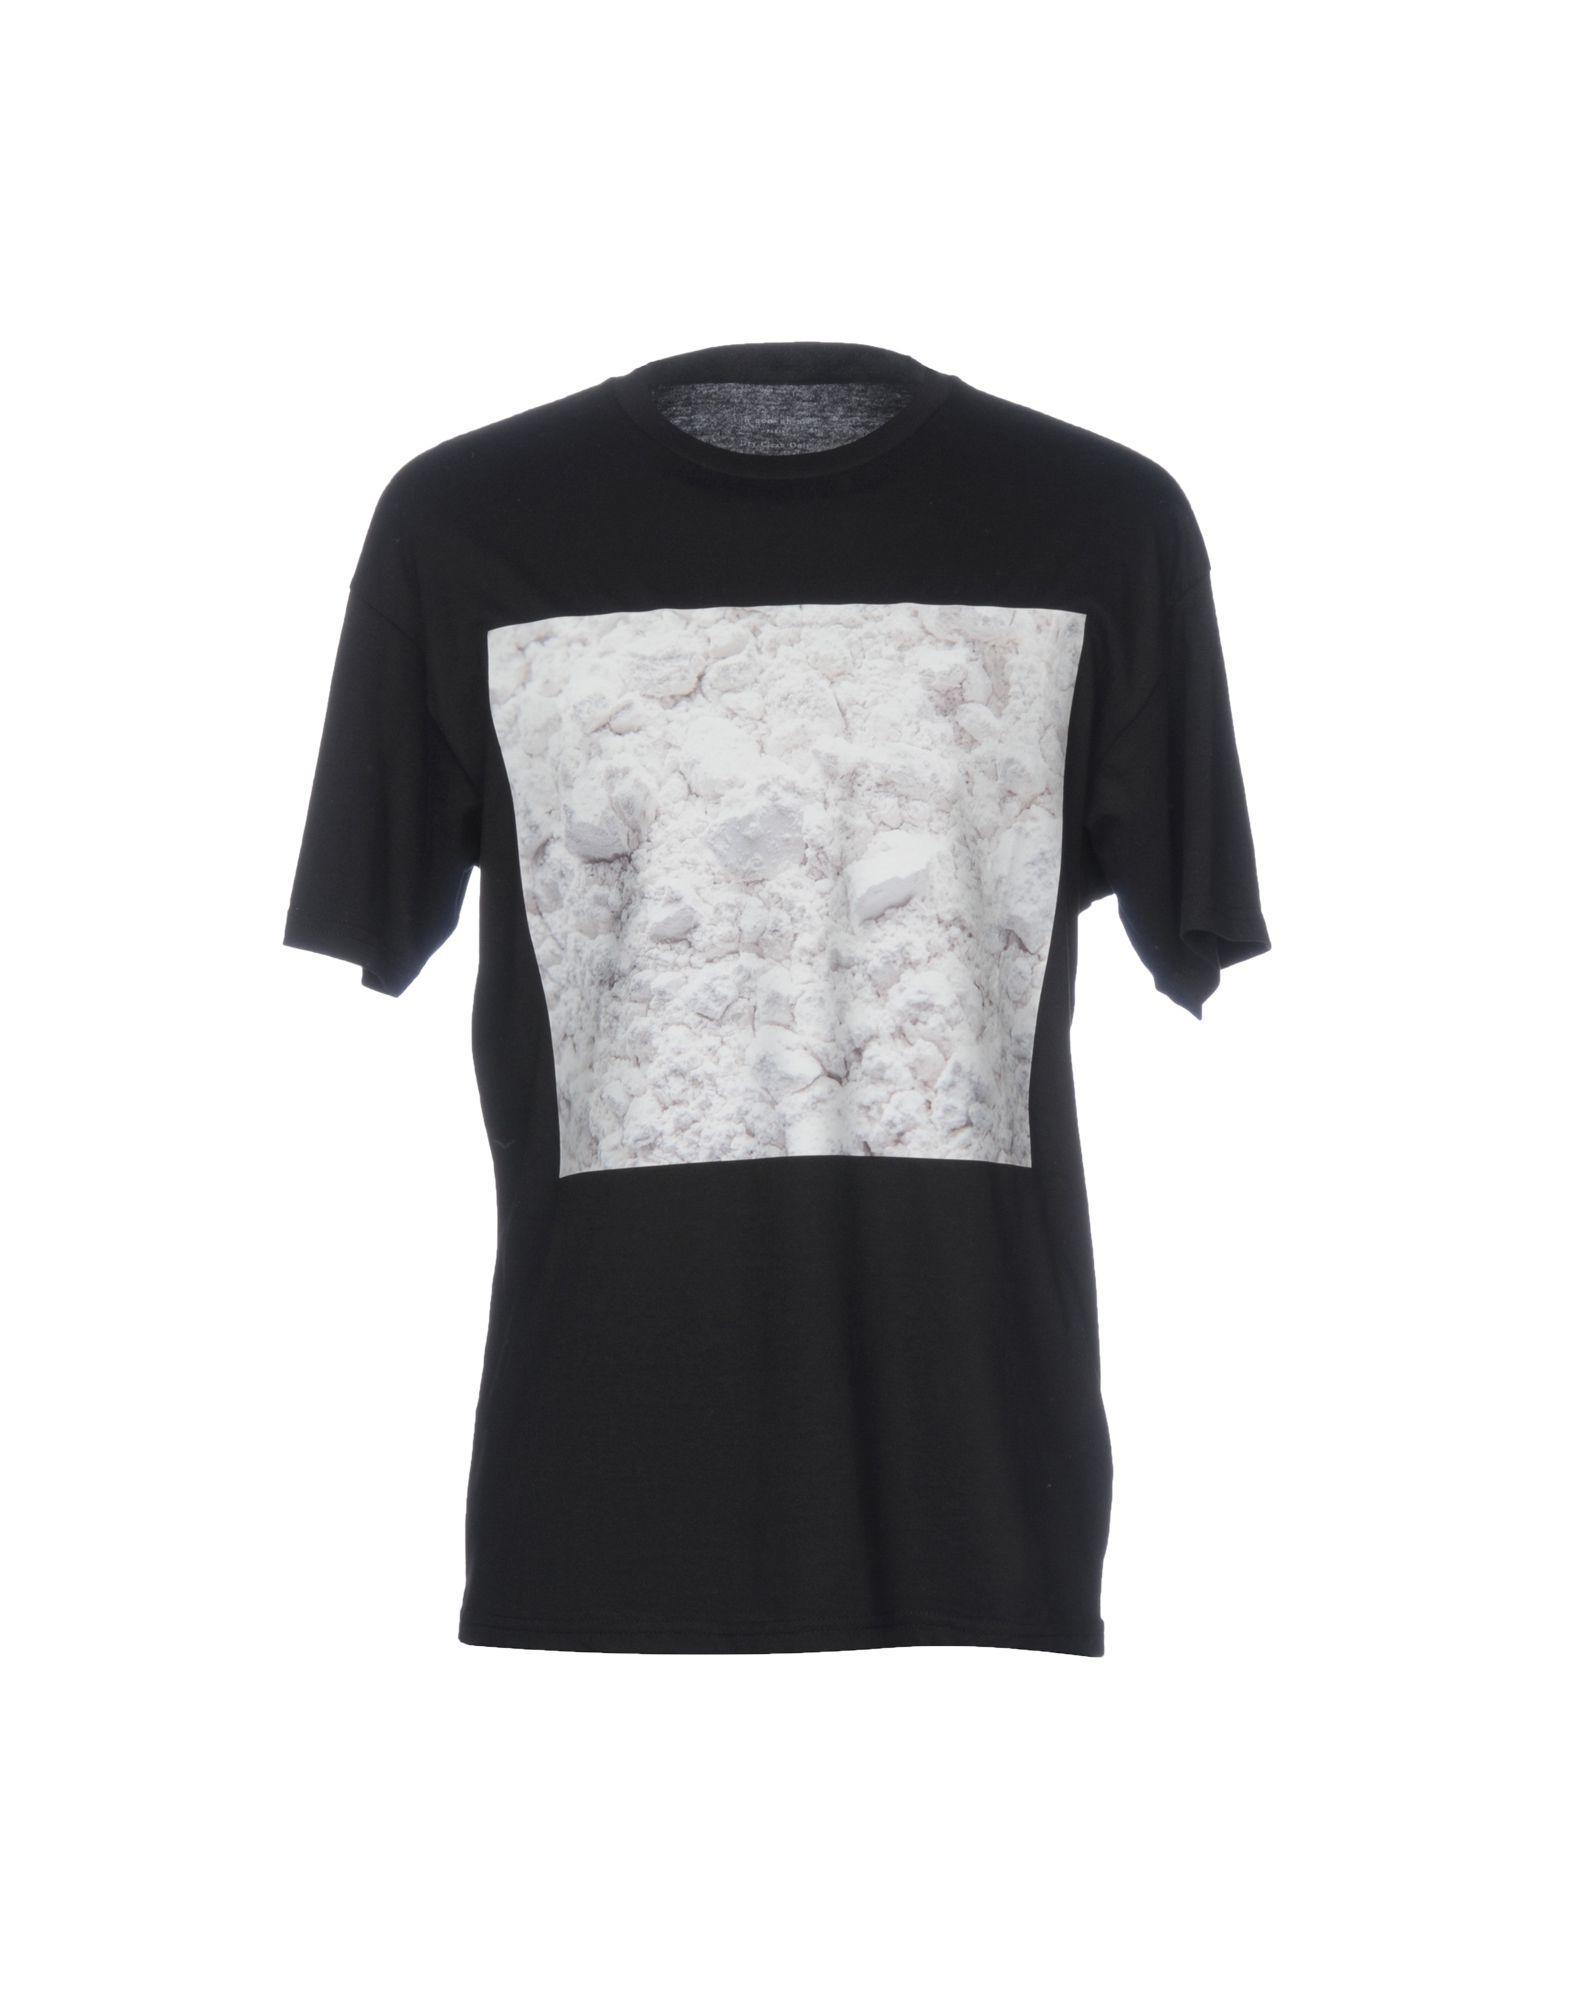 T-Shirt Uh Ih Nom Uh T-Shirt Nit Uomo - 12202971LK 2b5a91